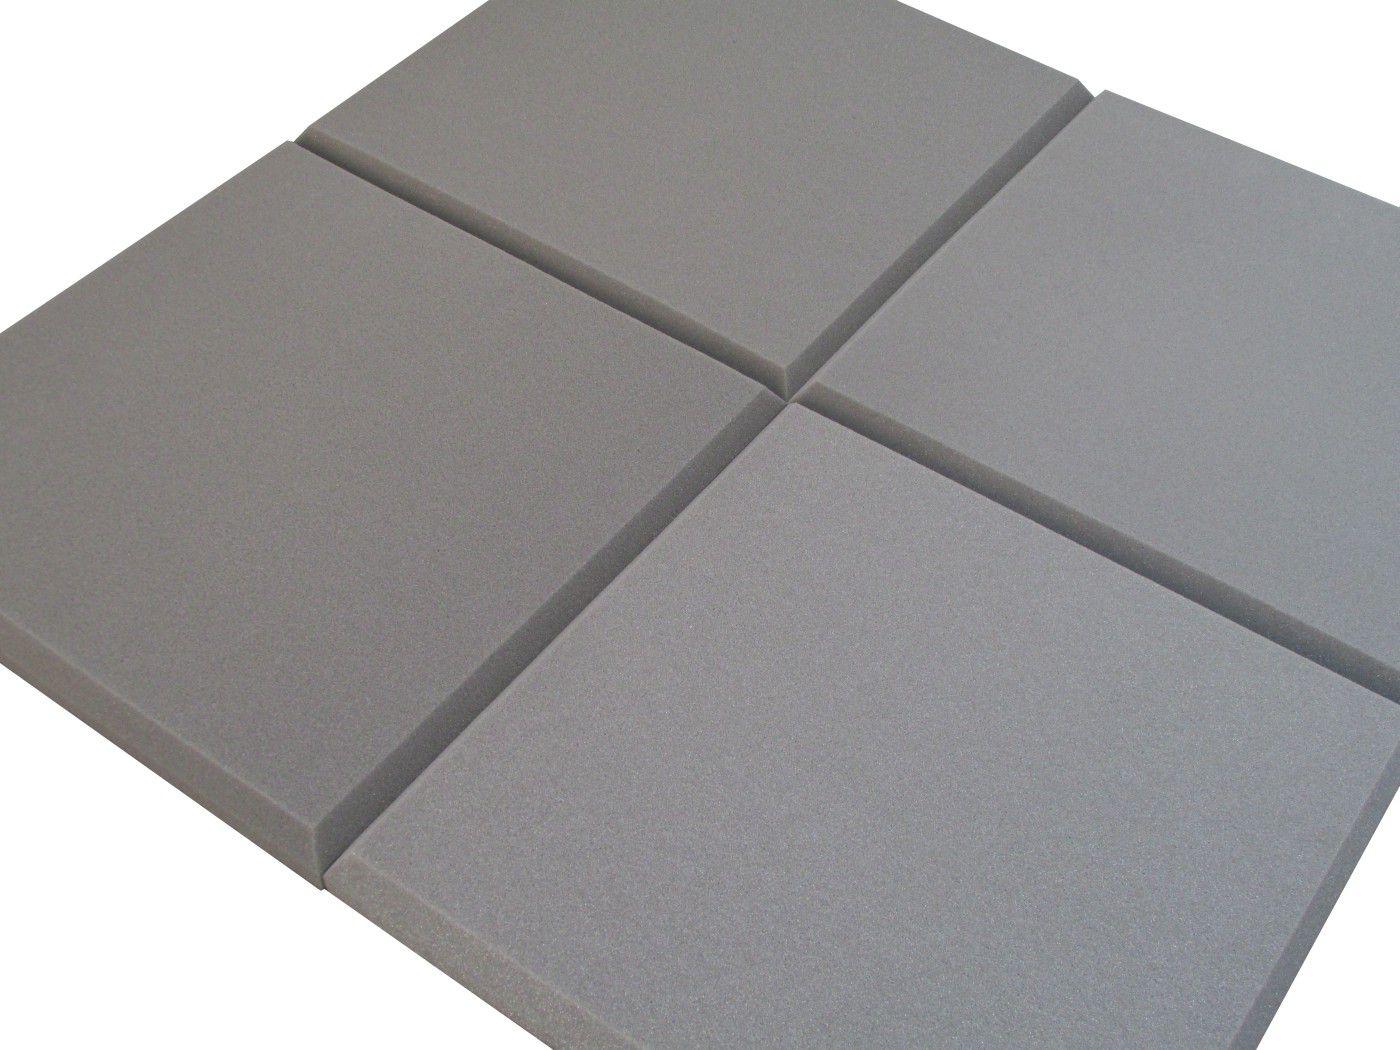 Espuma acústica Linha REV - P - Kit 4 peças (1m²) 60mm  - Loja SPL Acústica